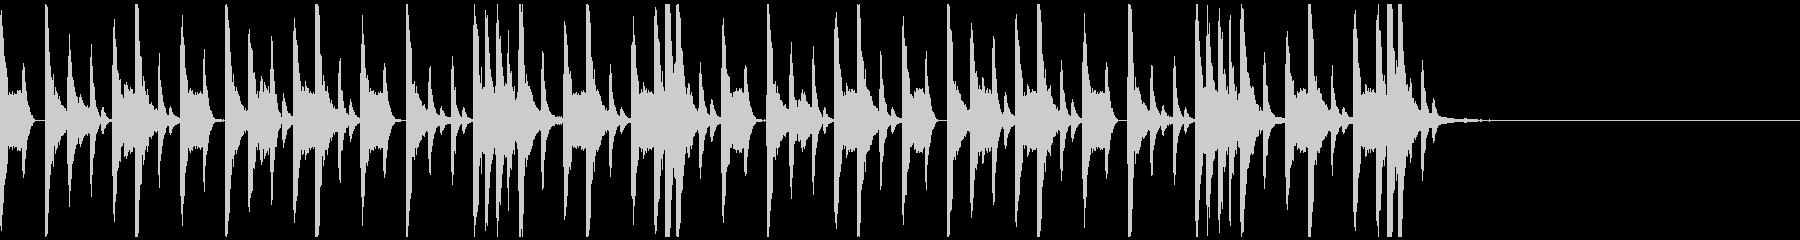 ドラムンベースのリズムパターン02の未再生の波形